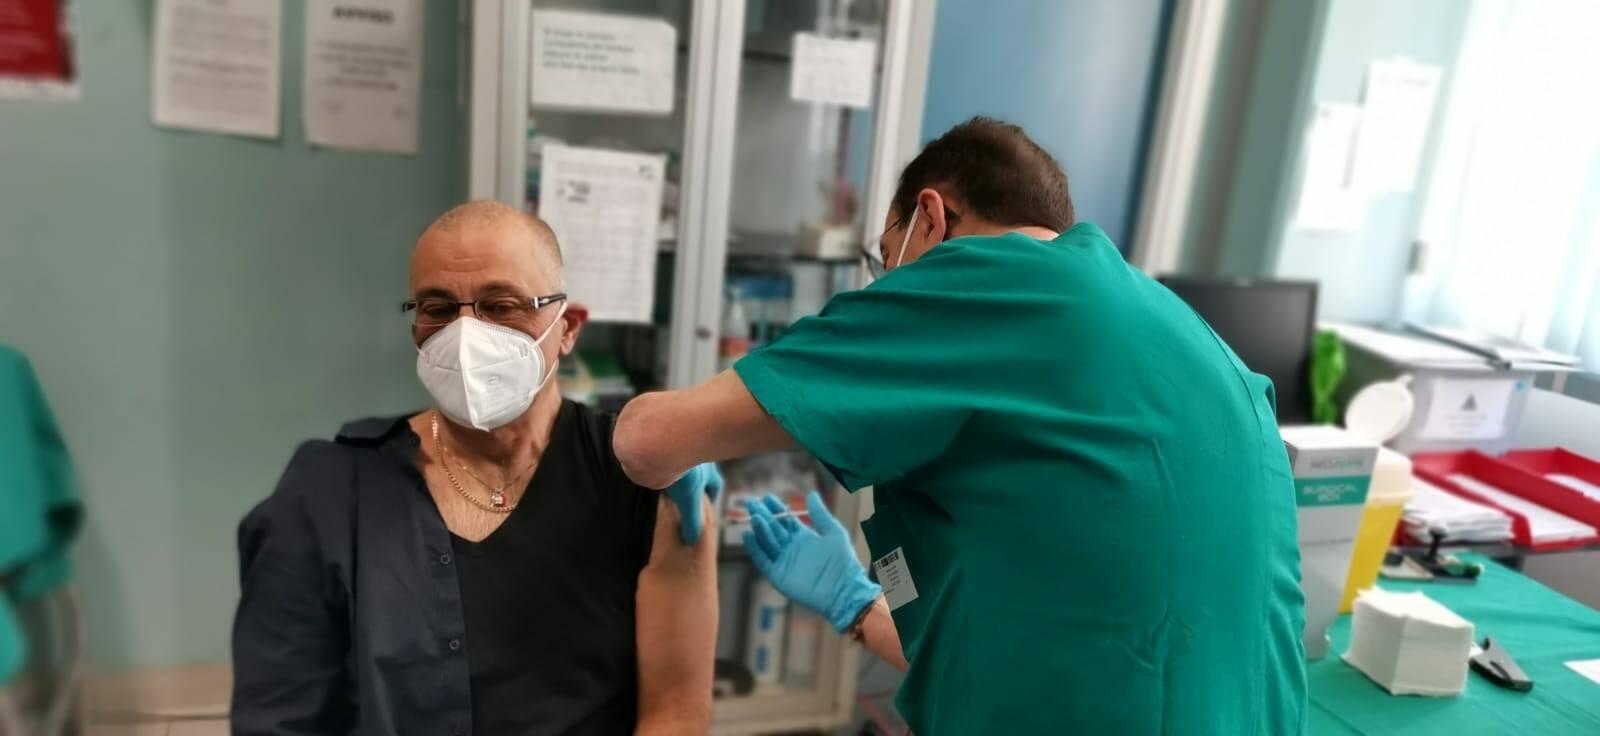 vaccinazione dino sassi direttore sanitario ospedale